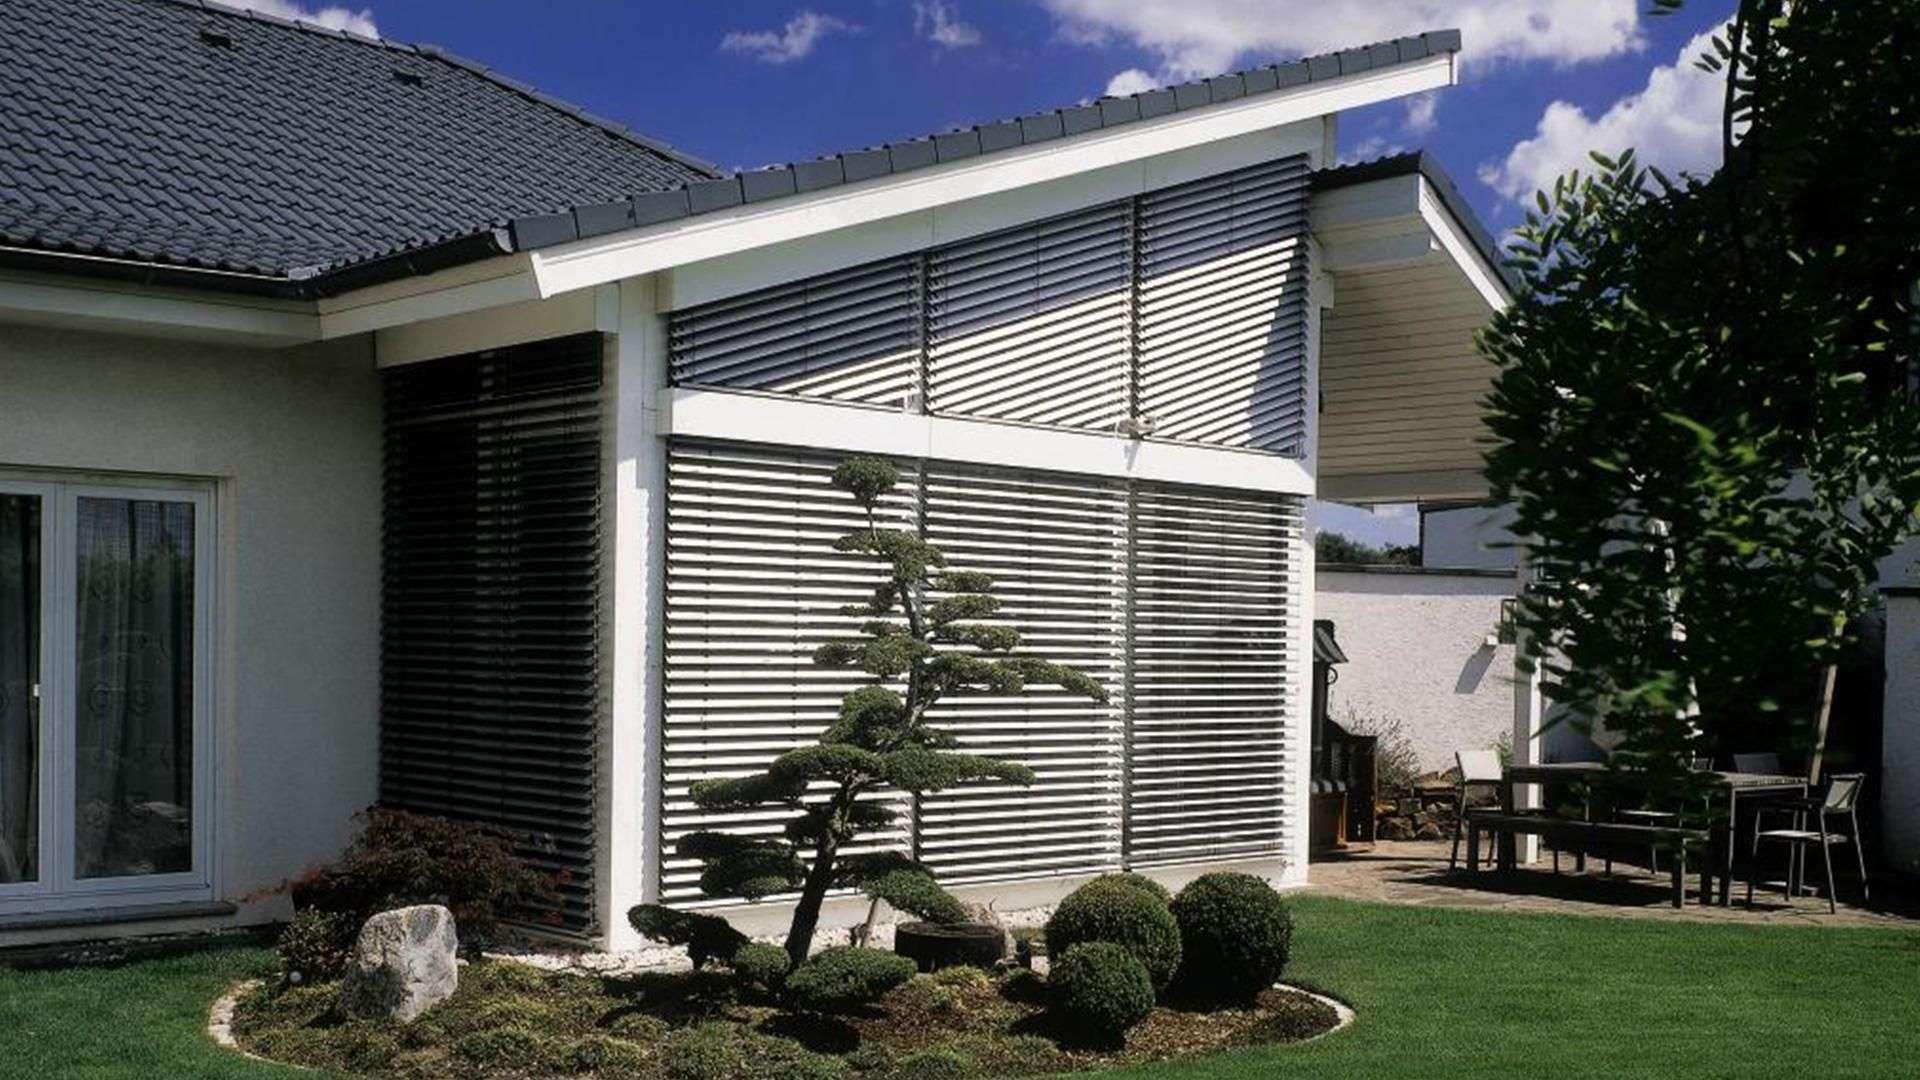 Vorbau mit Pultdach, schrägen Fenstern und Raffstoren davor